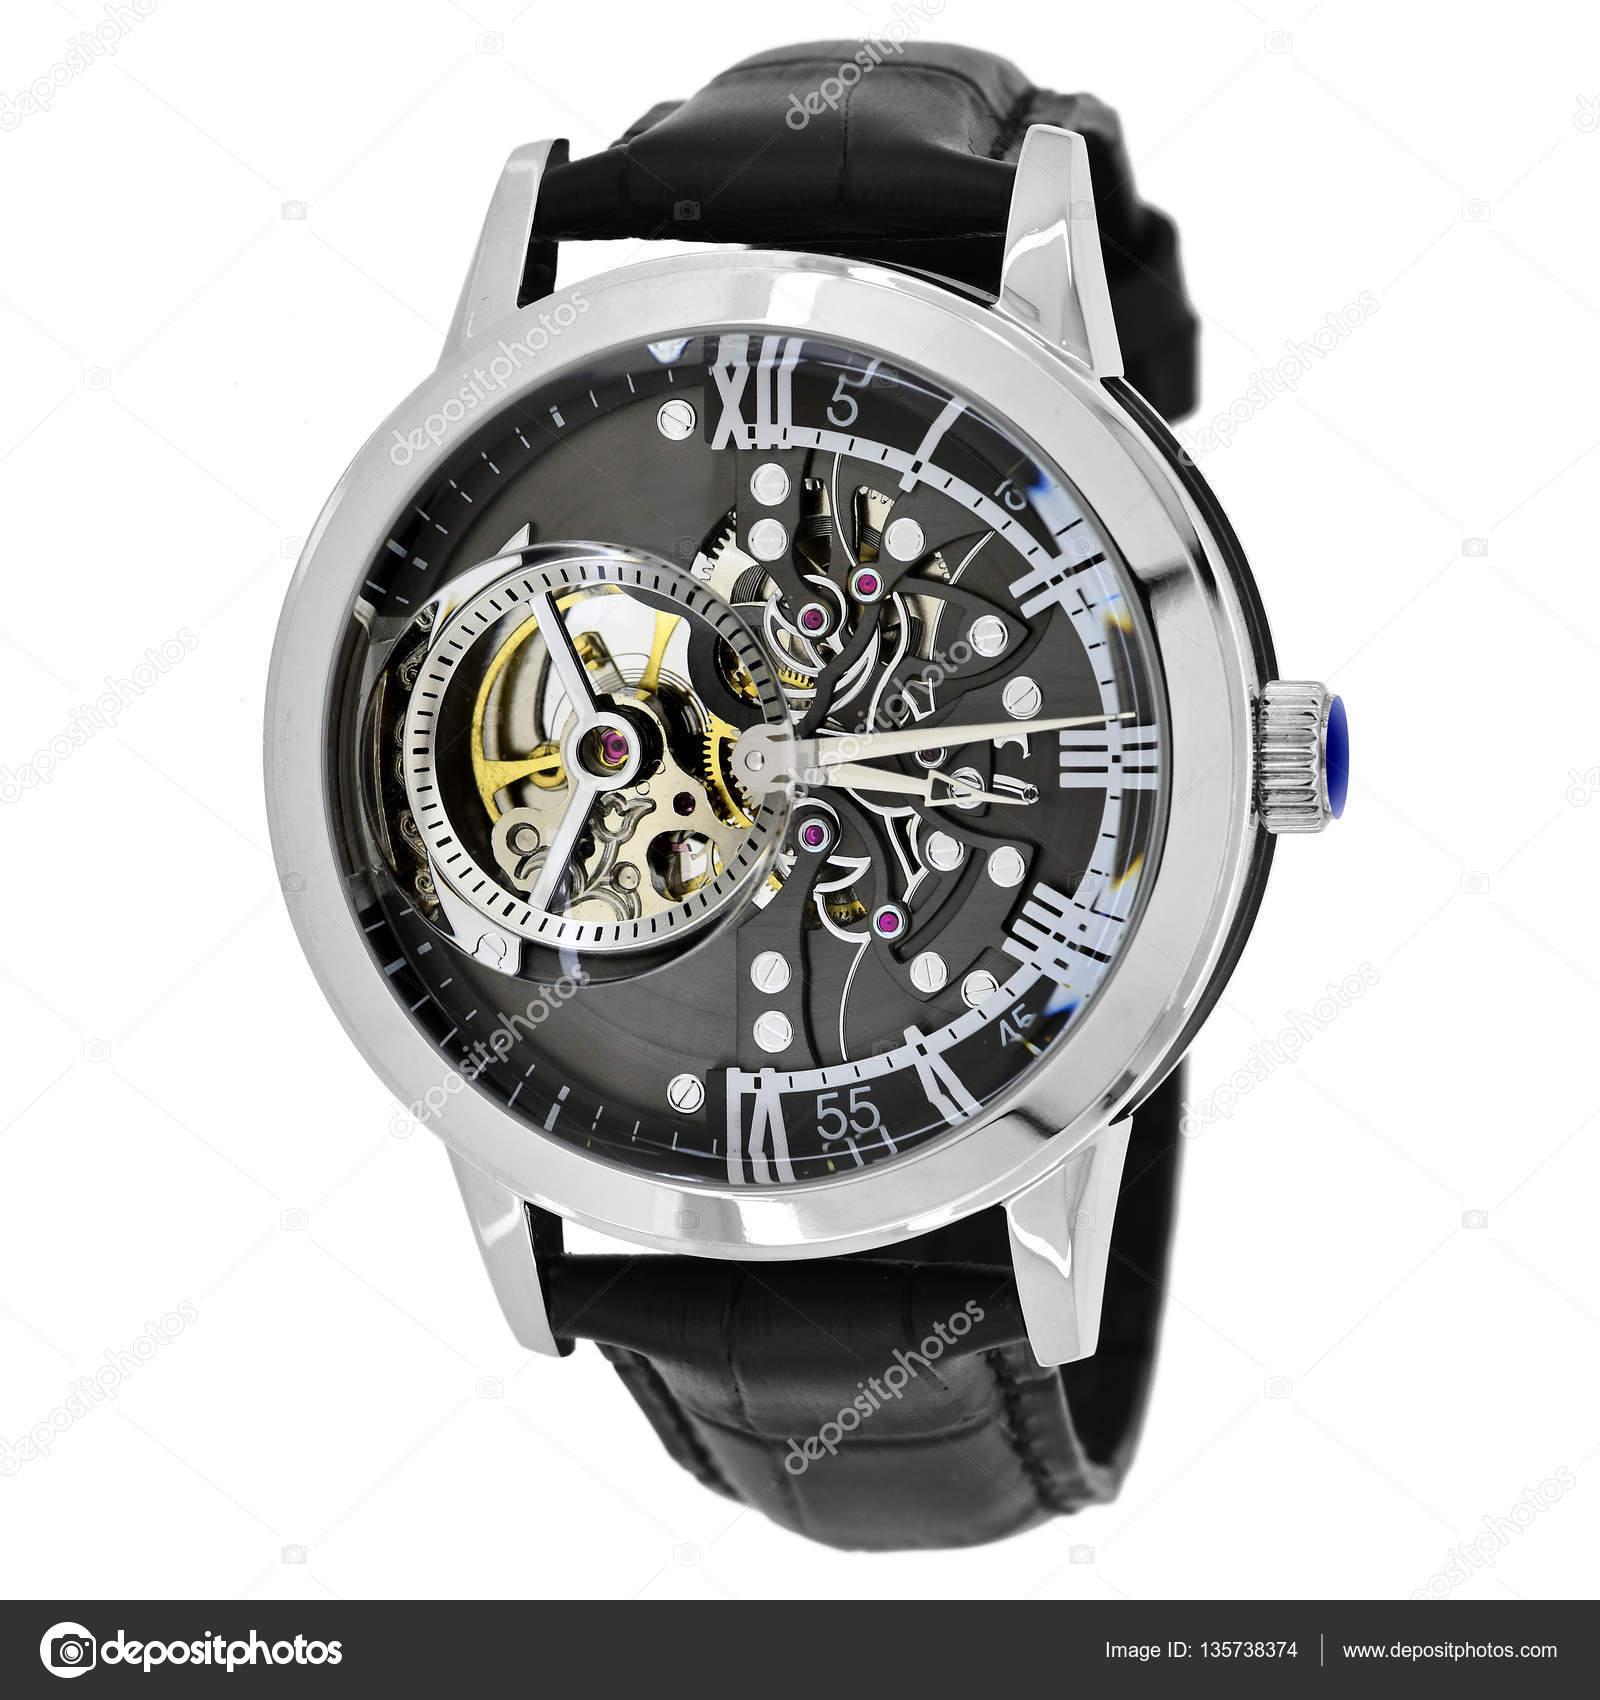 5ac34cac03ef Relojes para hombre y mujer reloj reloj al aire libre movimiento de la  muñeca - relojes muñeca hombre — Foto de ...